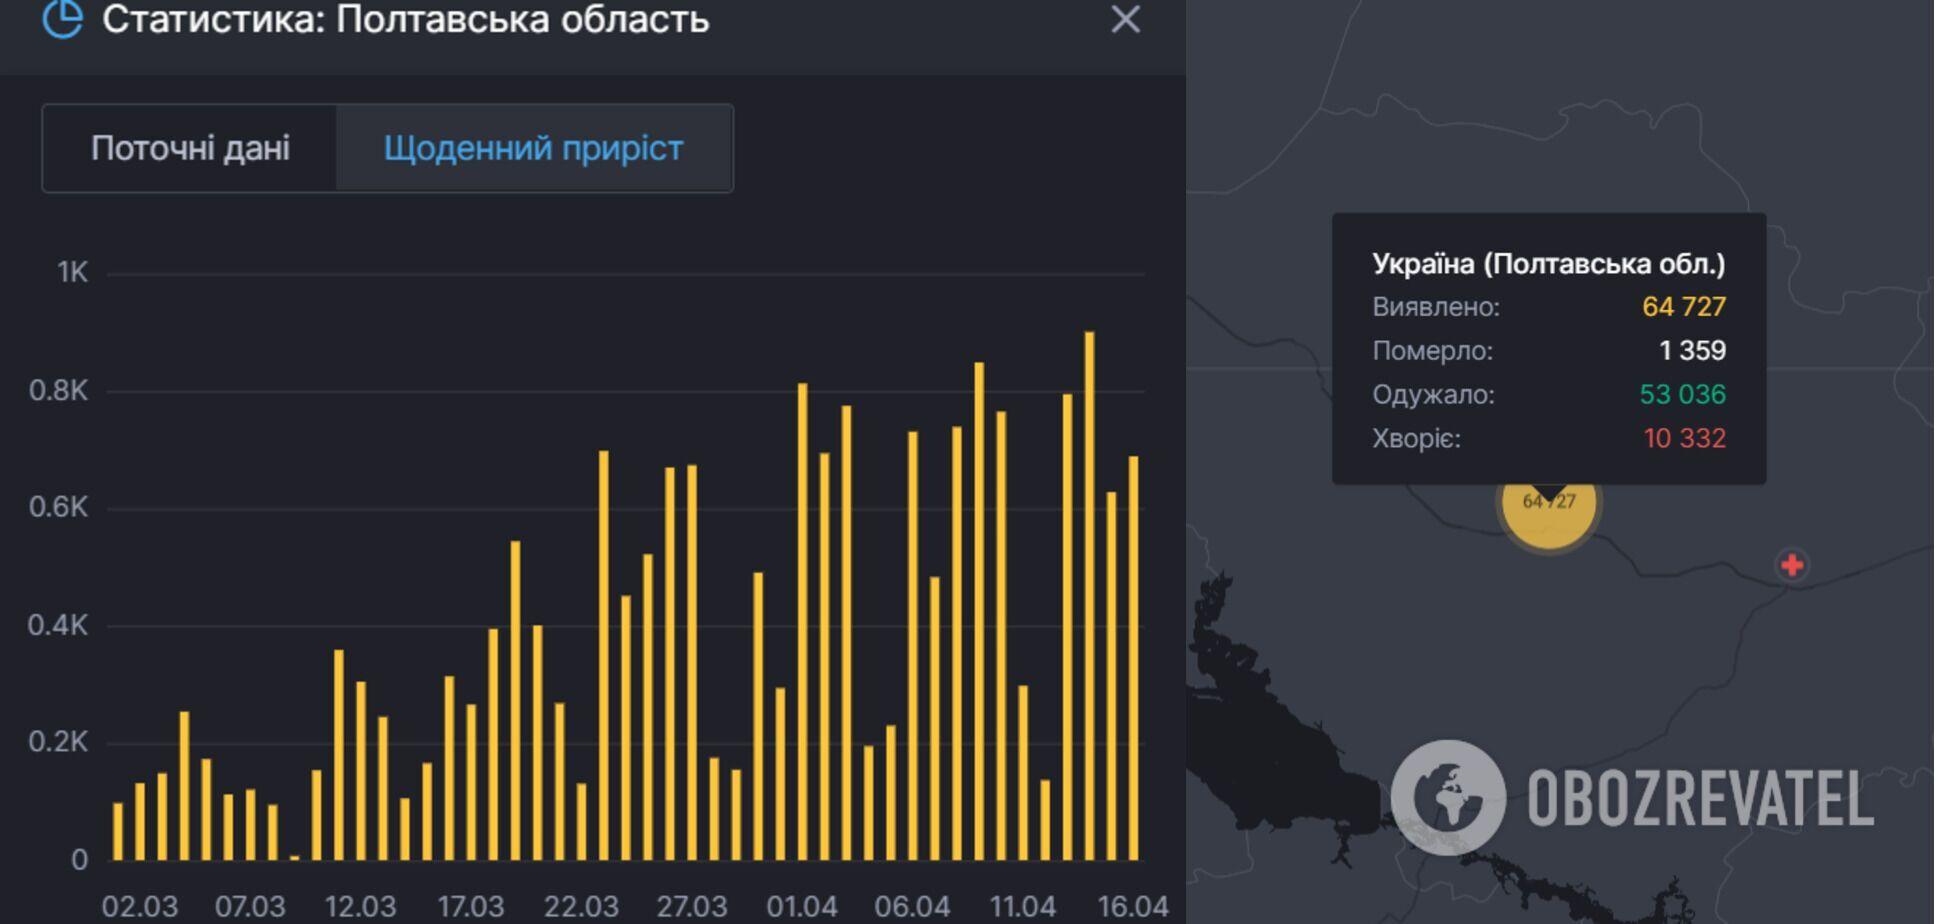 Коронавірус у Полтавській області: статистика.